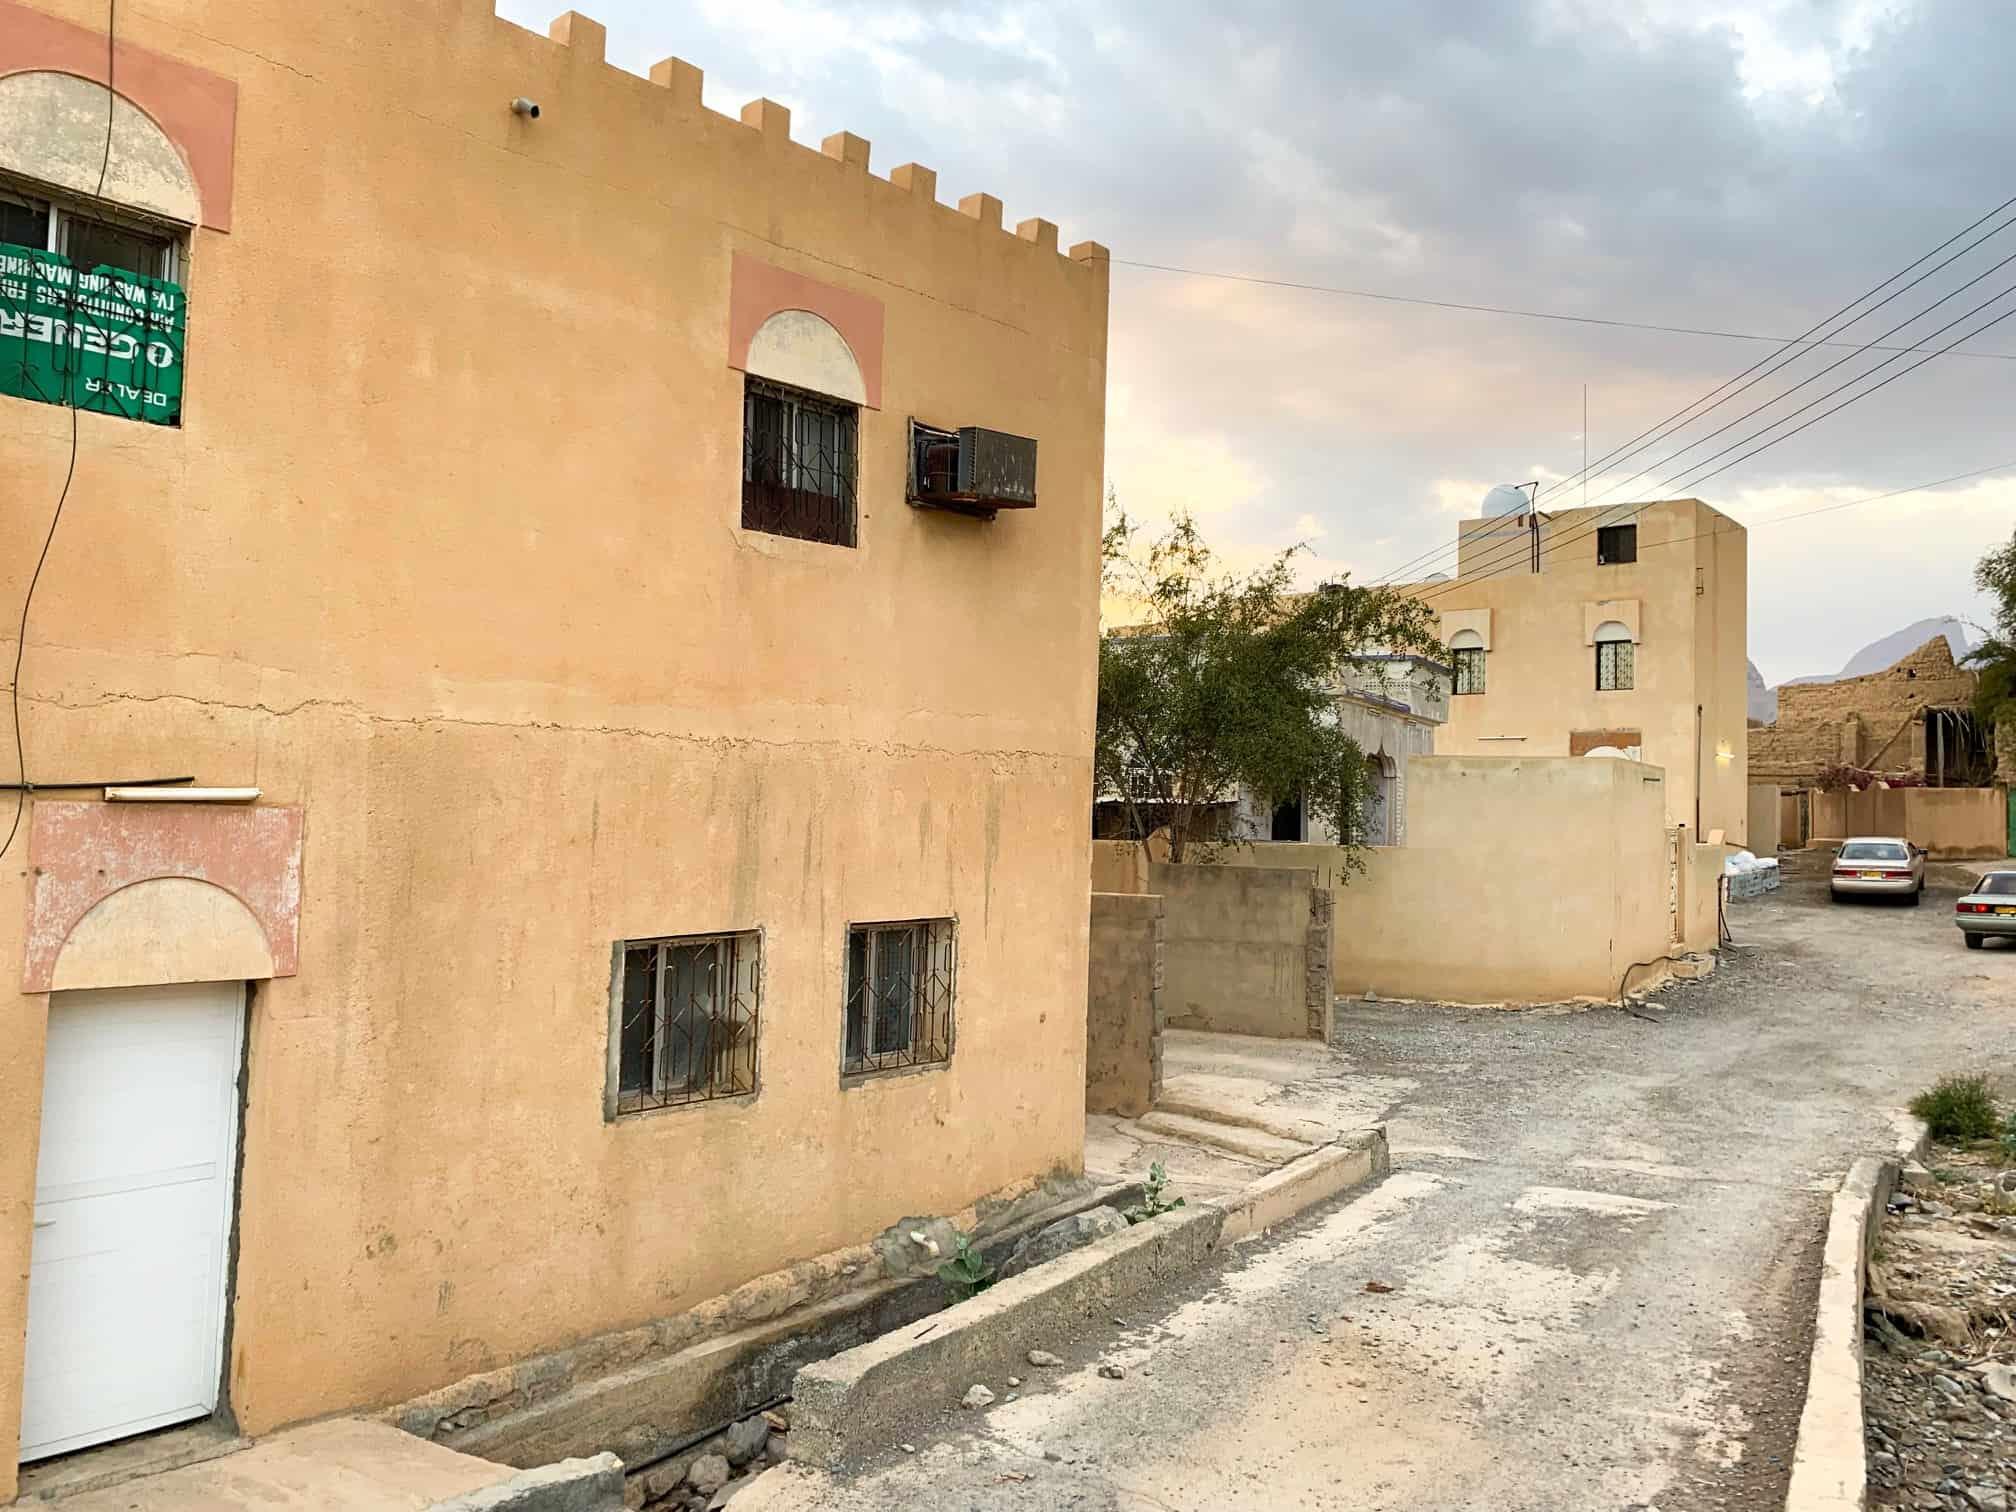 Entrance to Al Hamra Oman